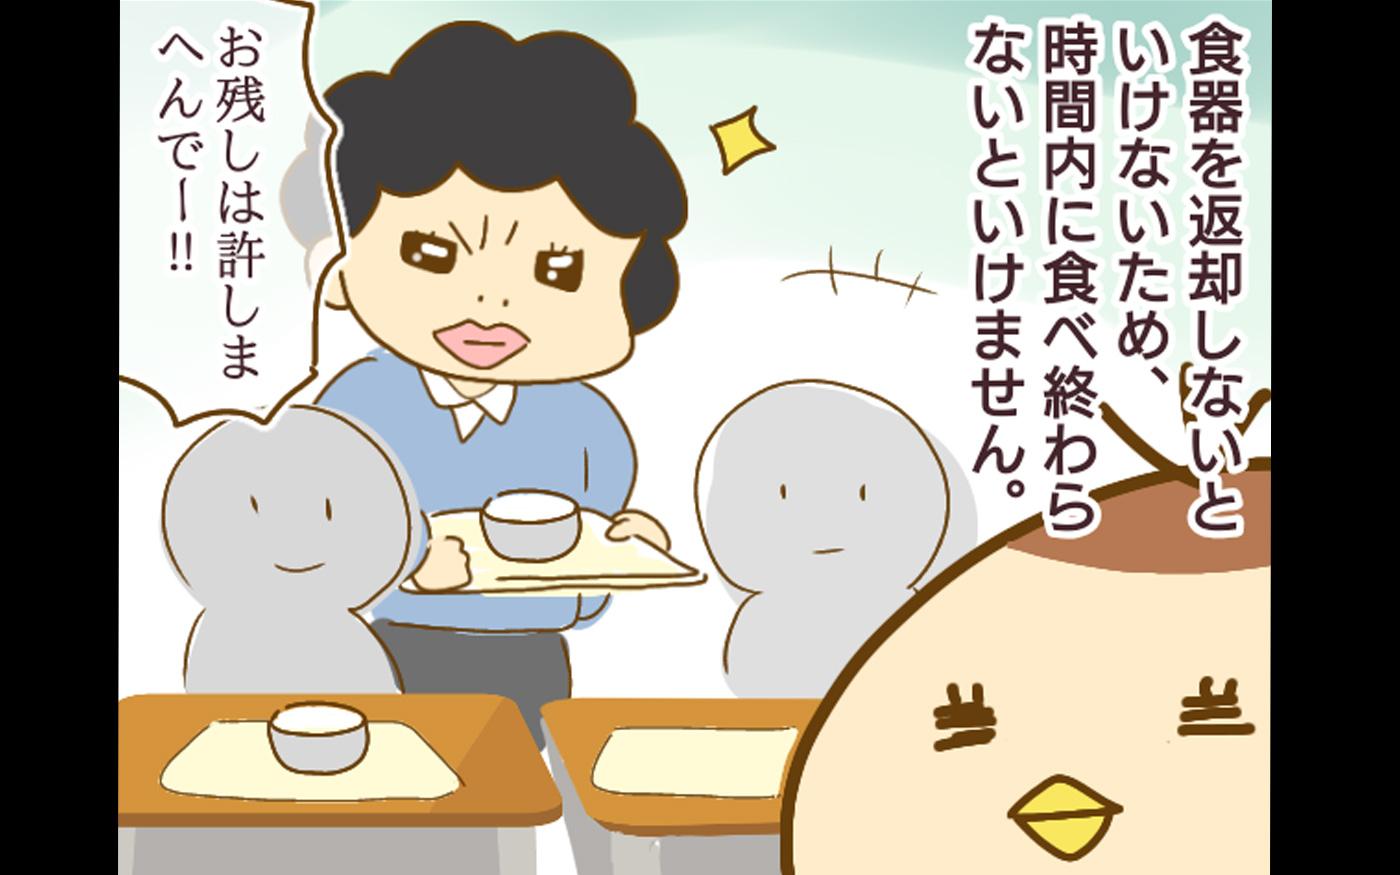 先生の強引な指導は給食にも…、時間厳守・お残しは絶対NG!